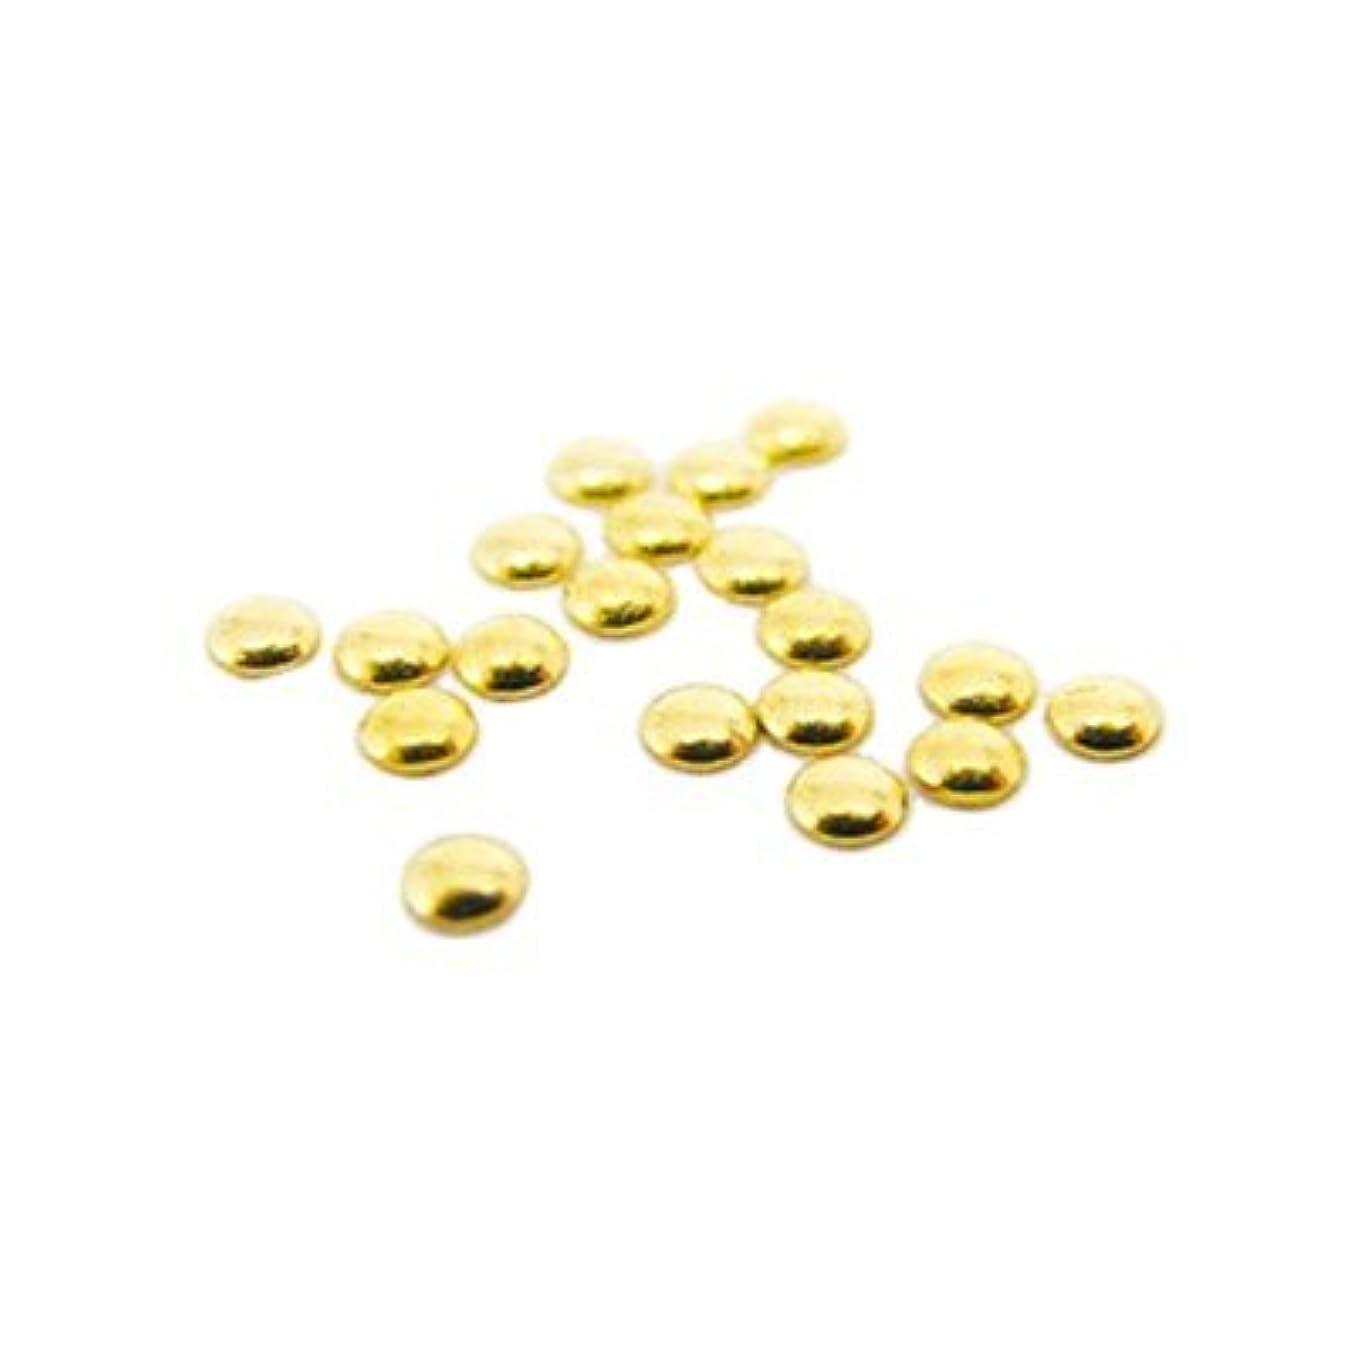 ストラトフォードオンエイボンうねるのピアドラ スタッズ 1.0mm 500P ゴールド